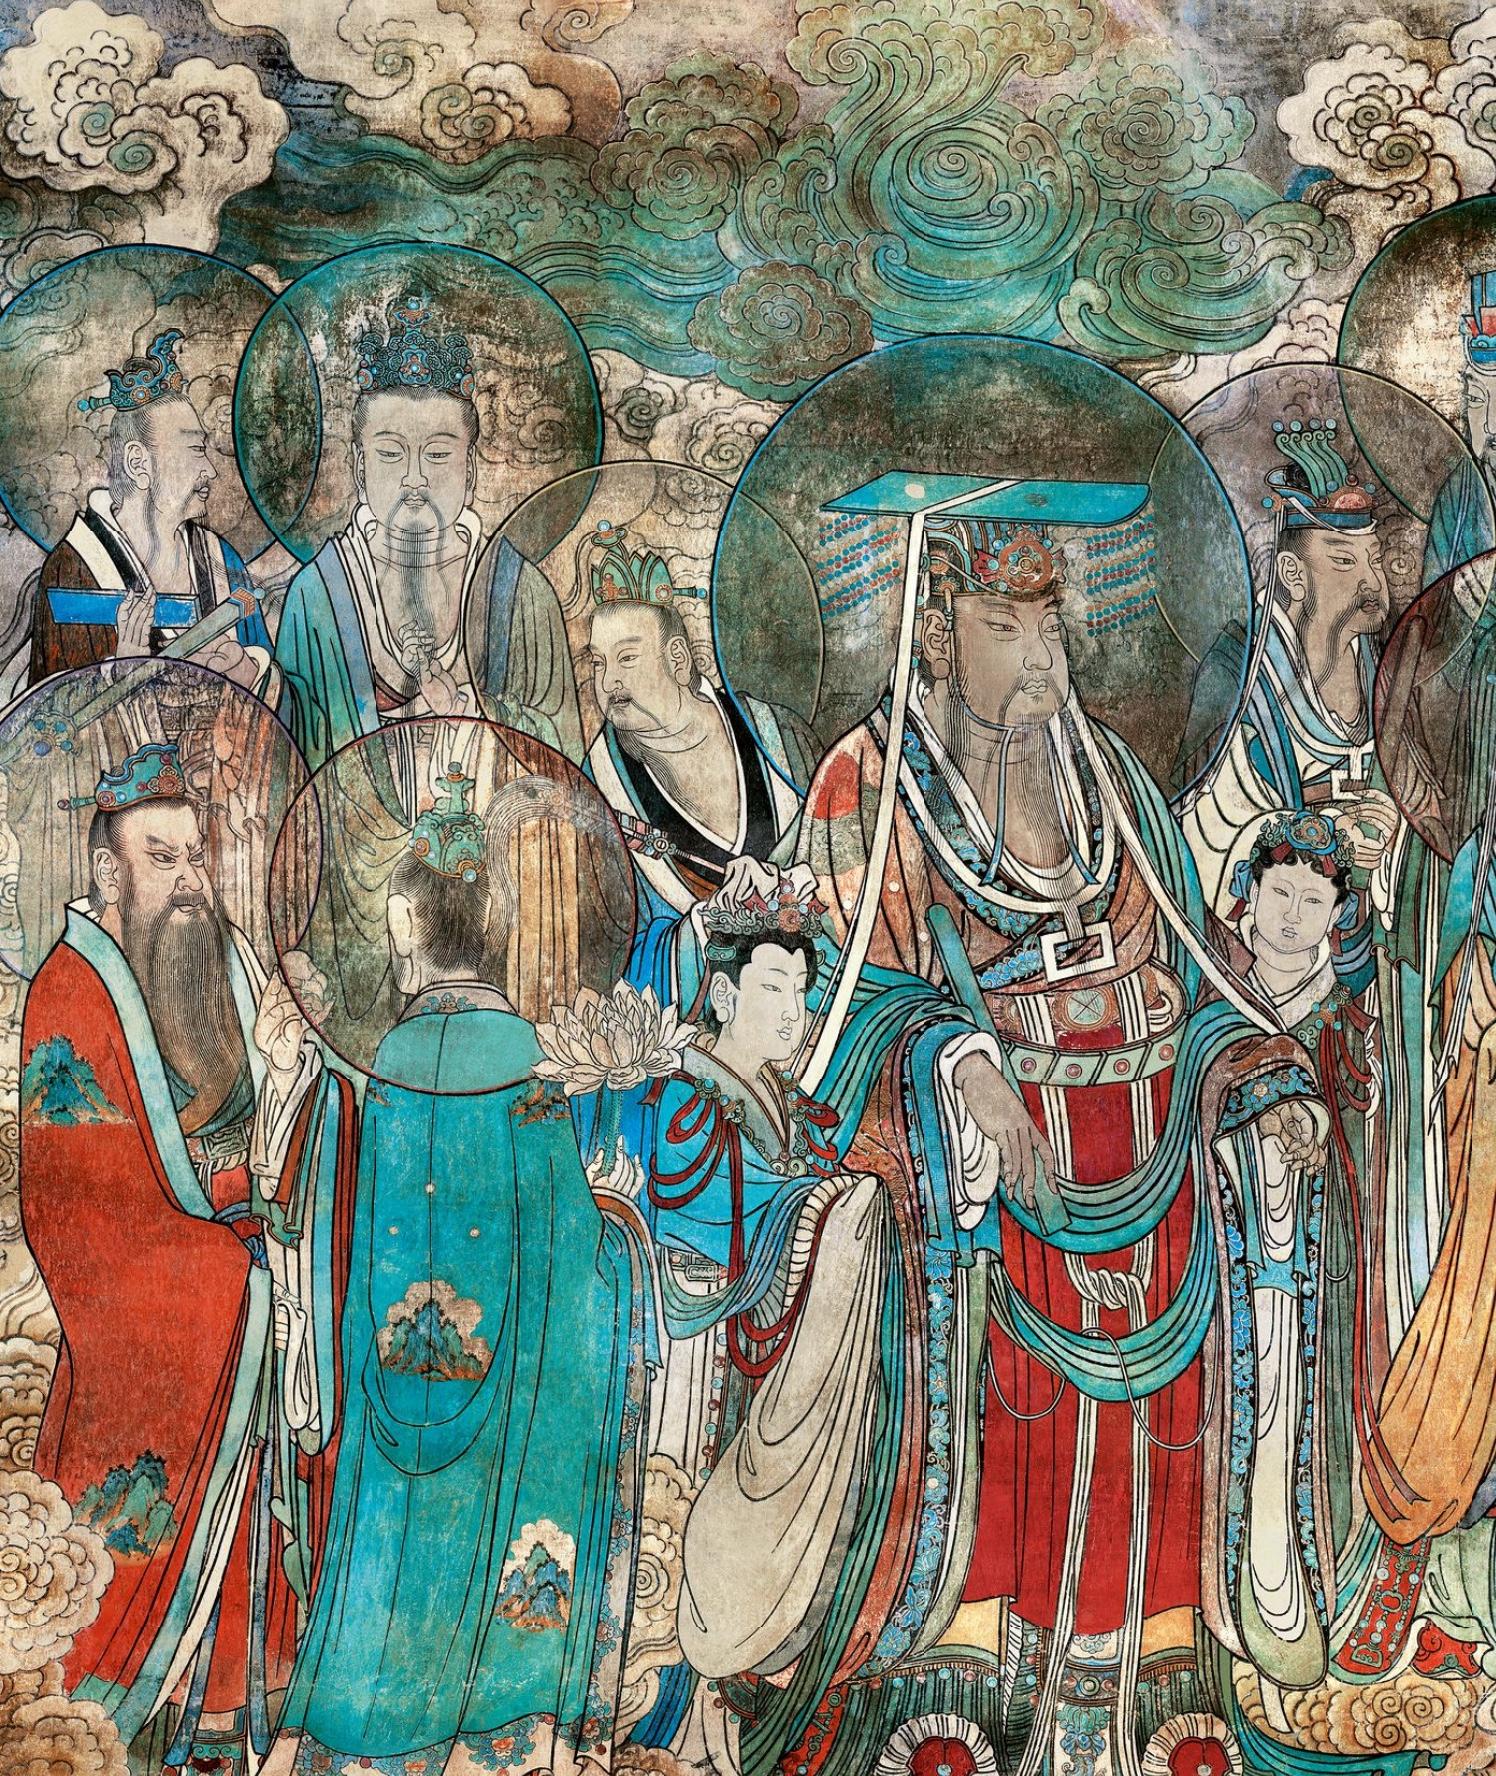 永乐宫壁画《朝元图》 .